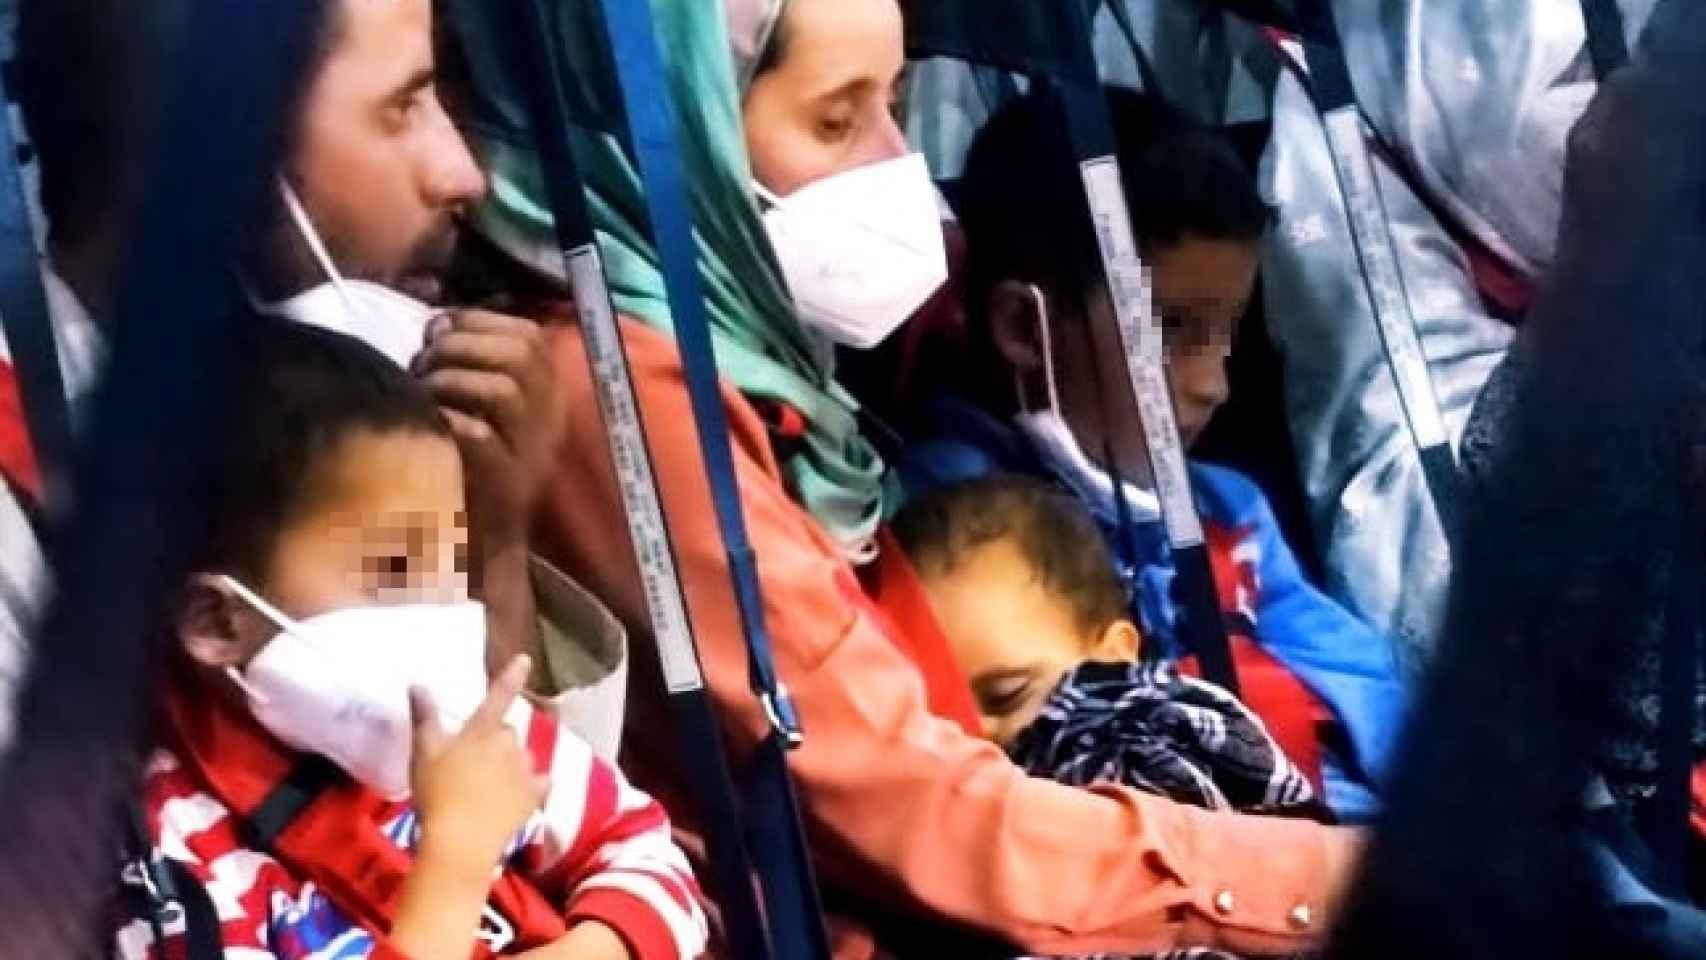 Las emocionantes imágenes de los afganos 'españoles' embarcando en Kabul